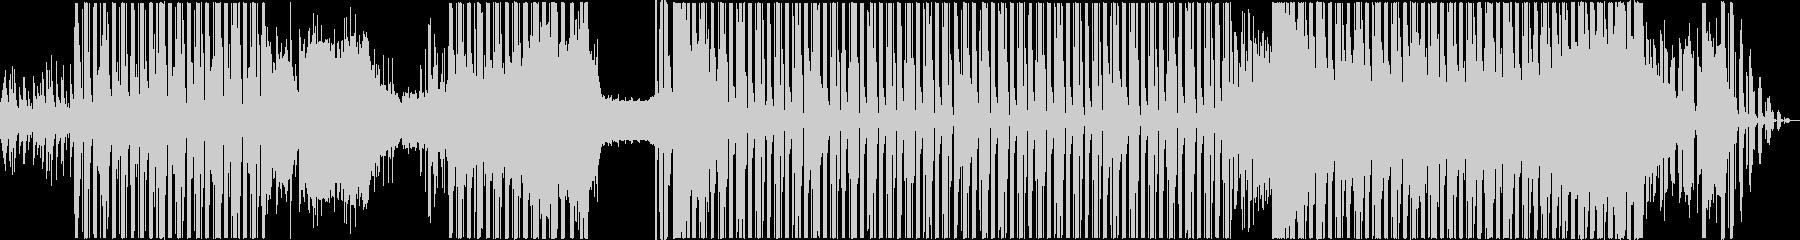 ラテン系の攻撃的なBGMの未再生の波形